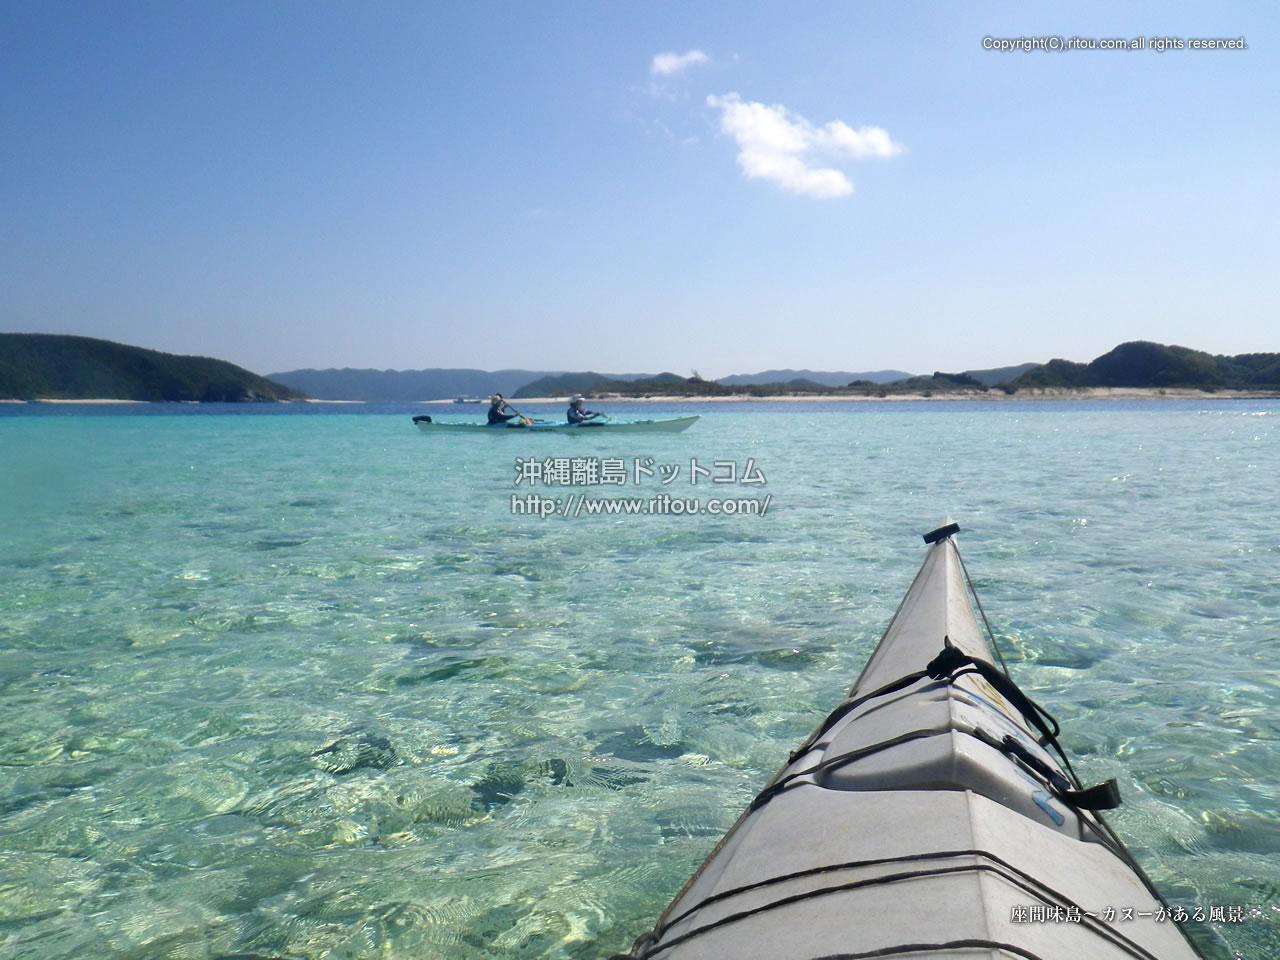 座間味島〜カヌーがある風景